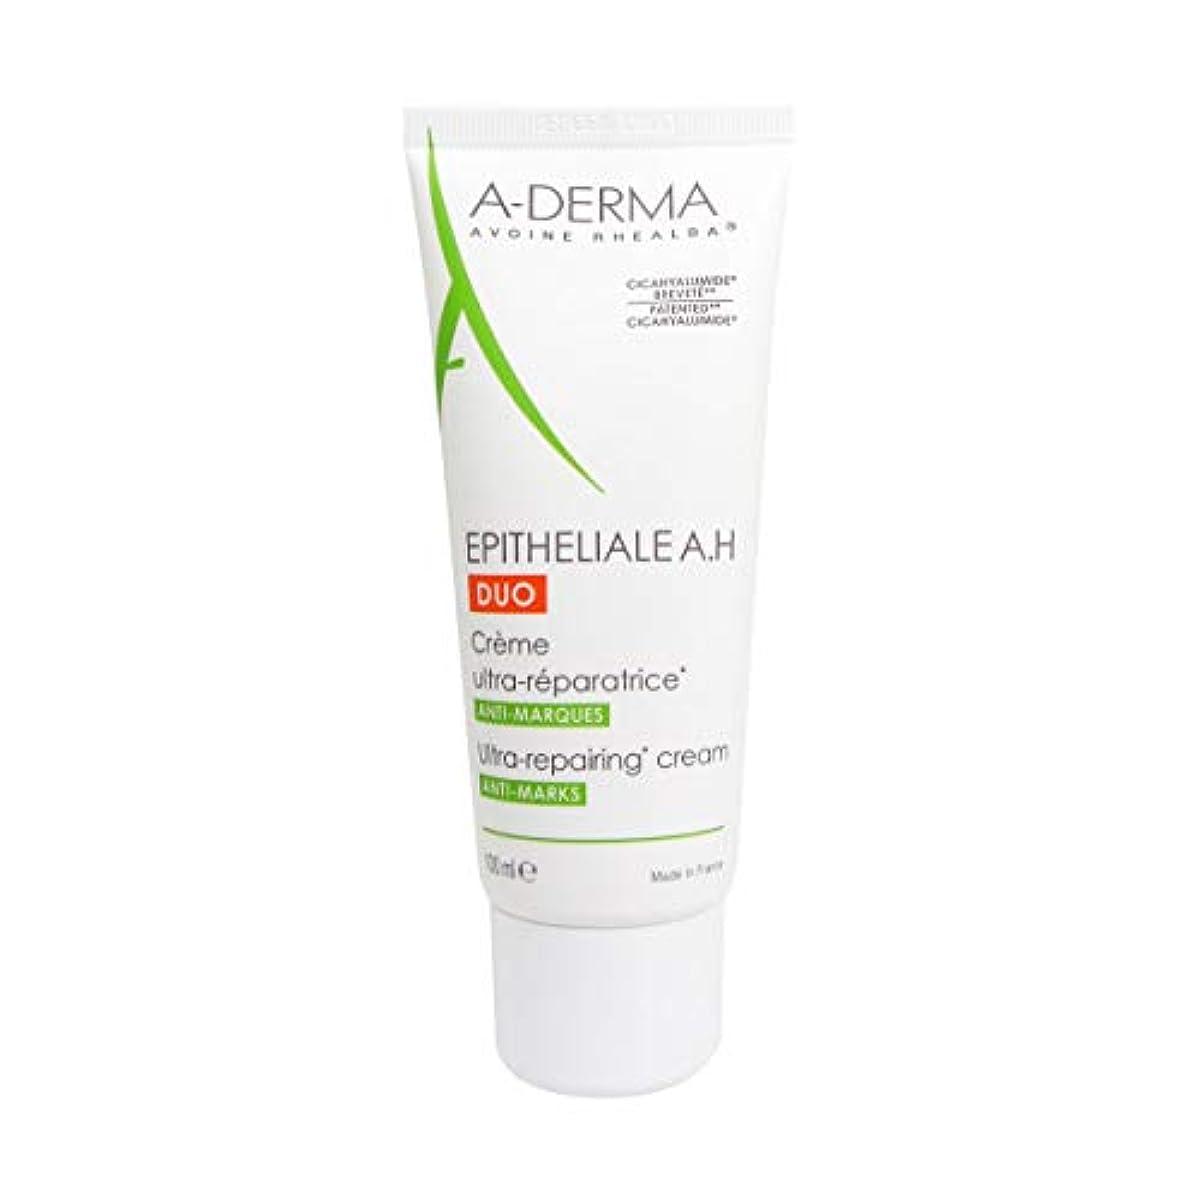 コスト内陸請願者A-derma Epitheliale A.h. Duo Ultra-repairing Cream 100ml [並行輸入品]